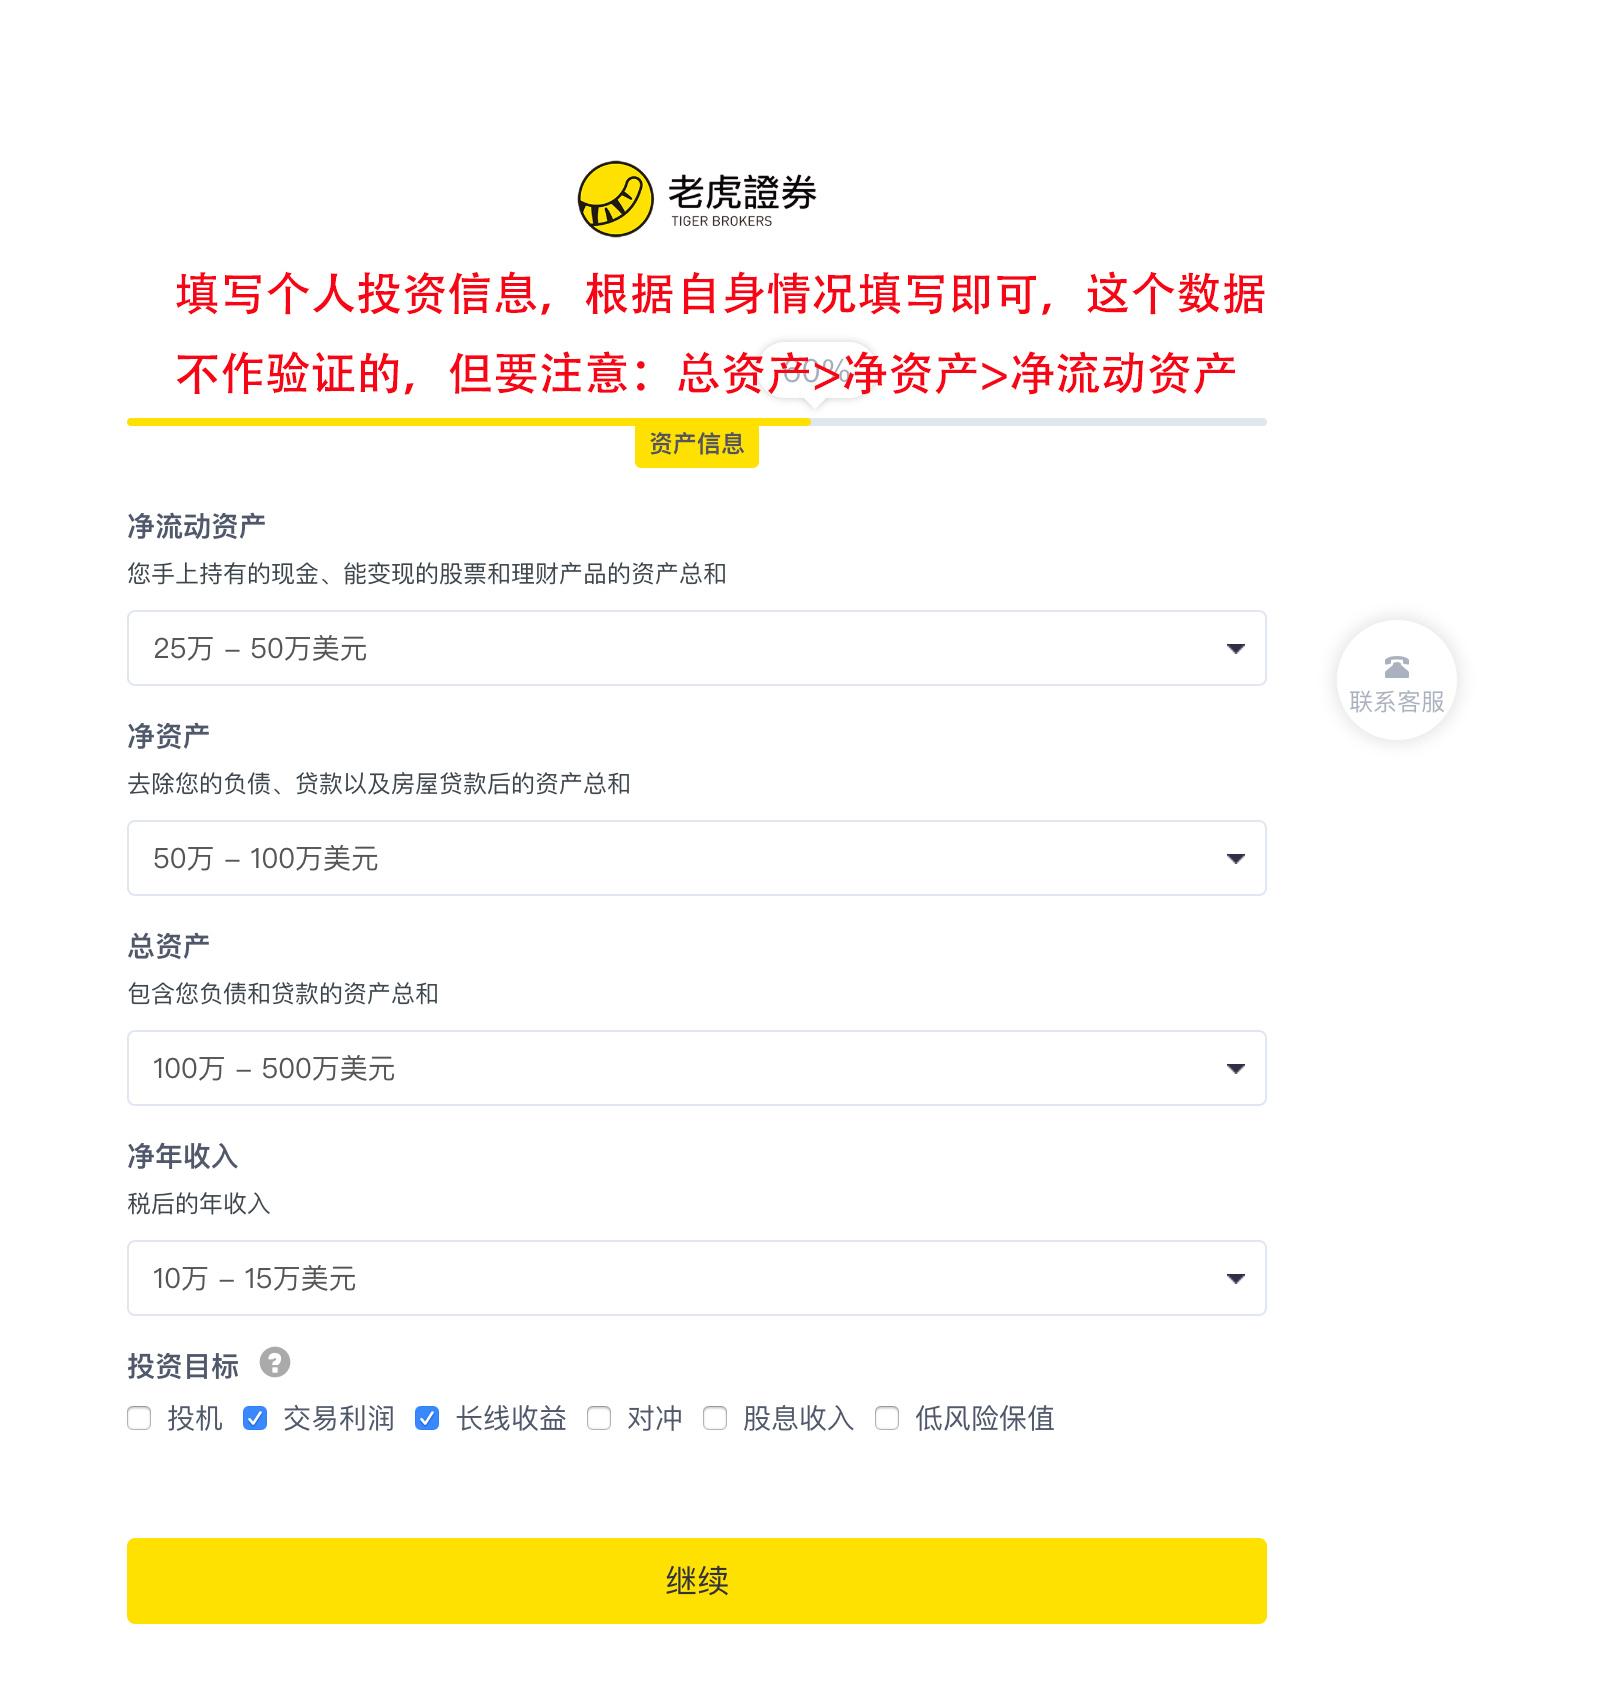 老虎证券开户教程 - 美股、港股开户